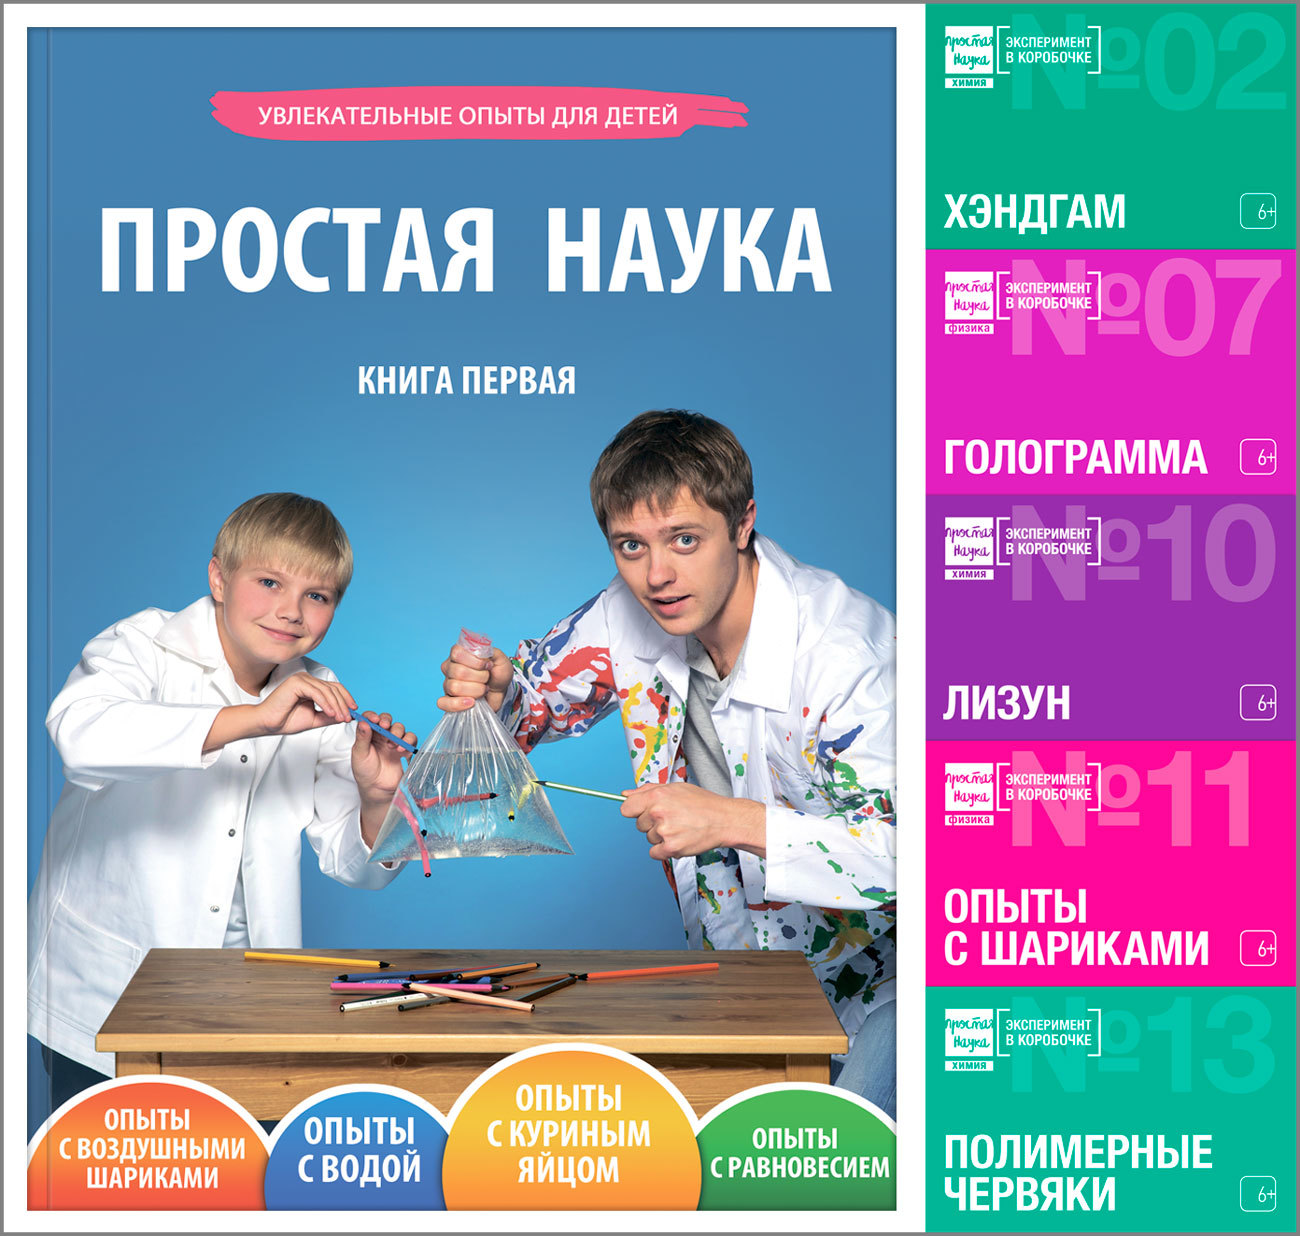 Книга Простая Наука. Том 1 и наборы Эксперименты в коробочке для дошкольников